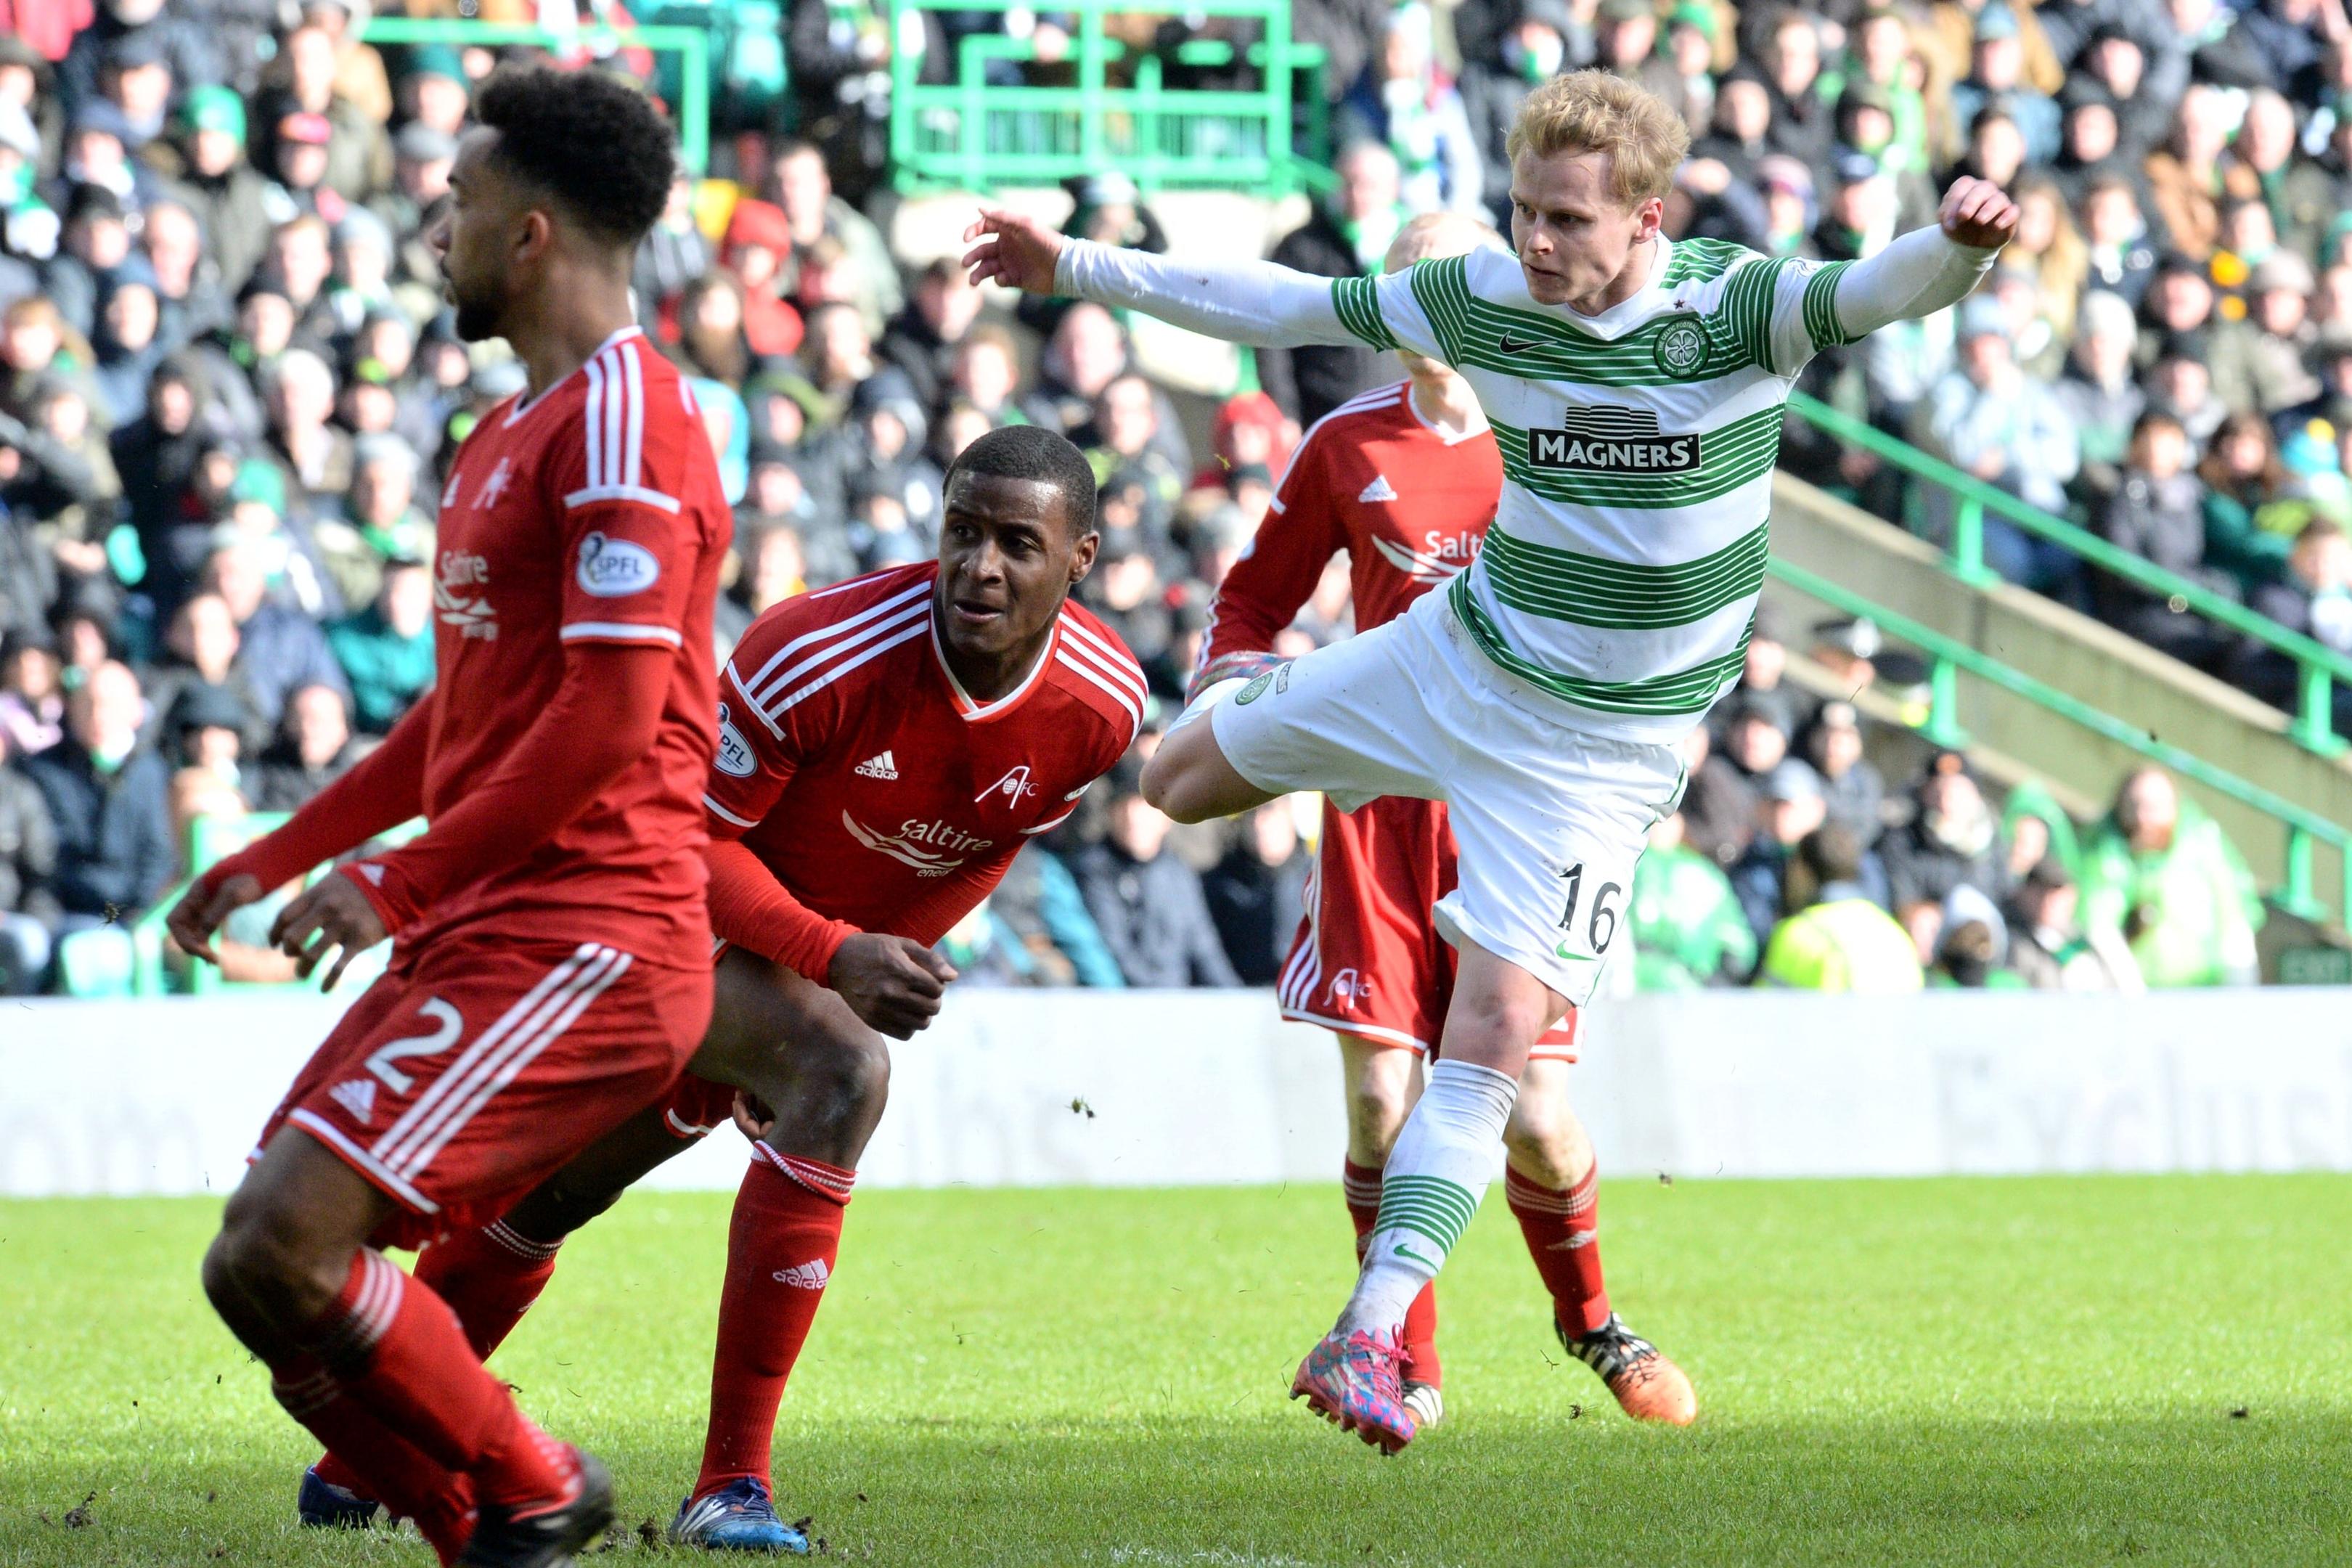 Gary Mackay-Steven fires home for Celtic against the Dons